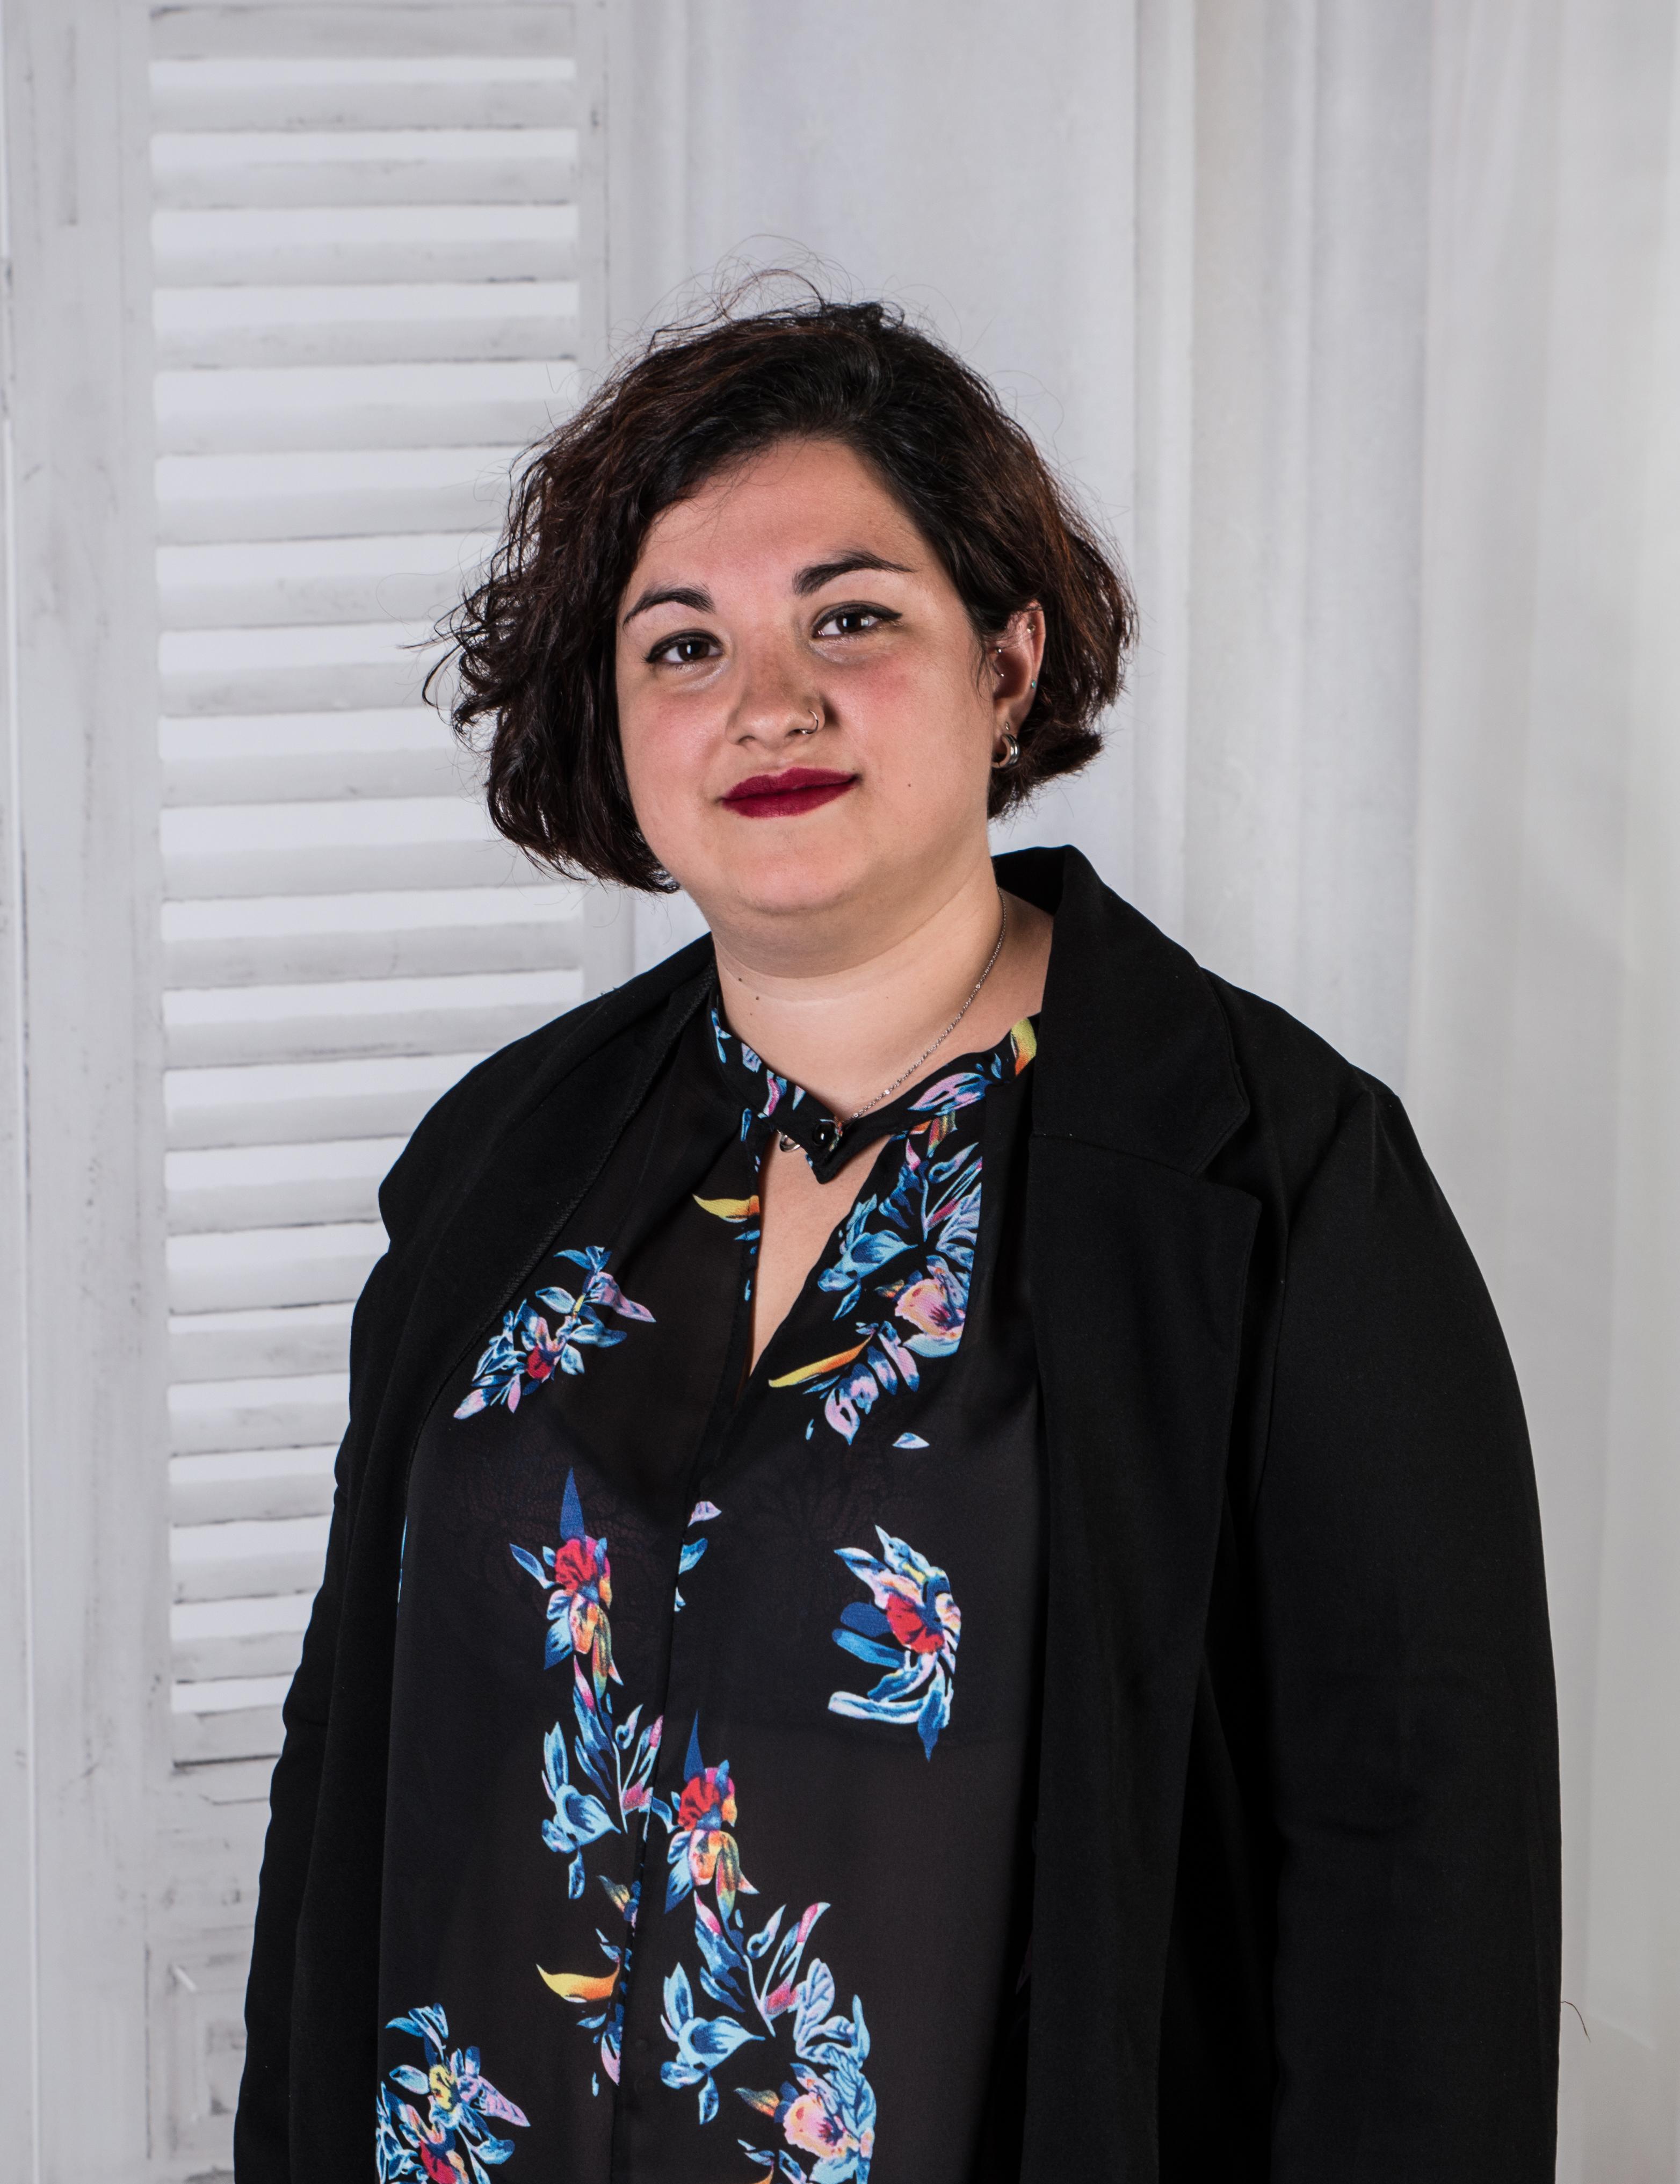 Ana María Mateos Bermejo